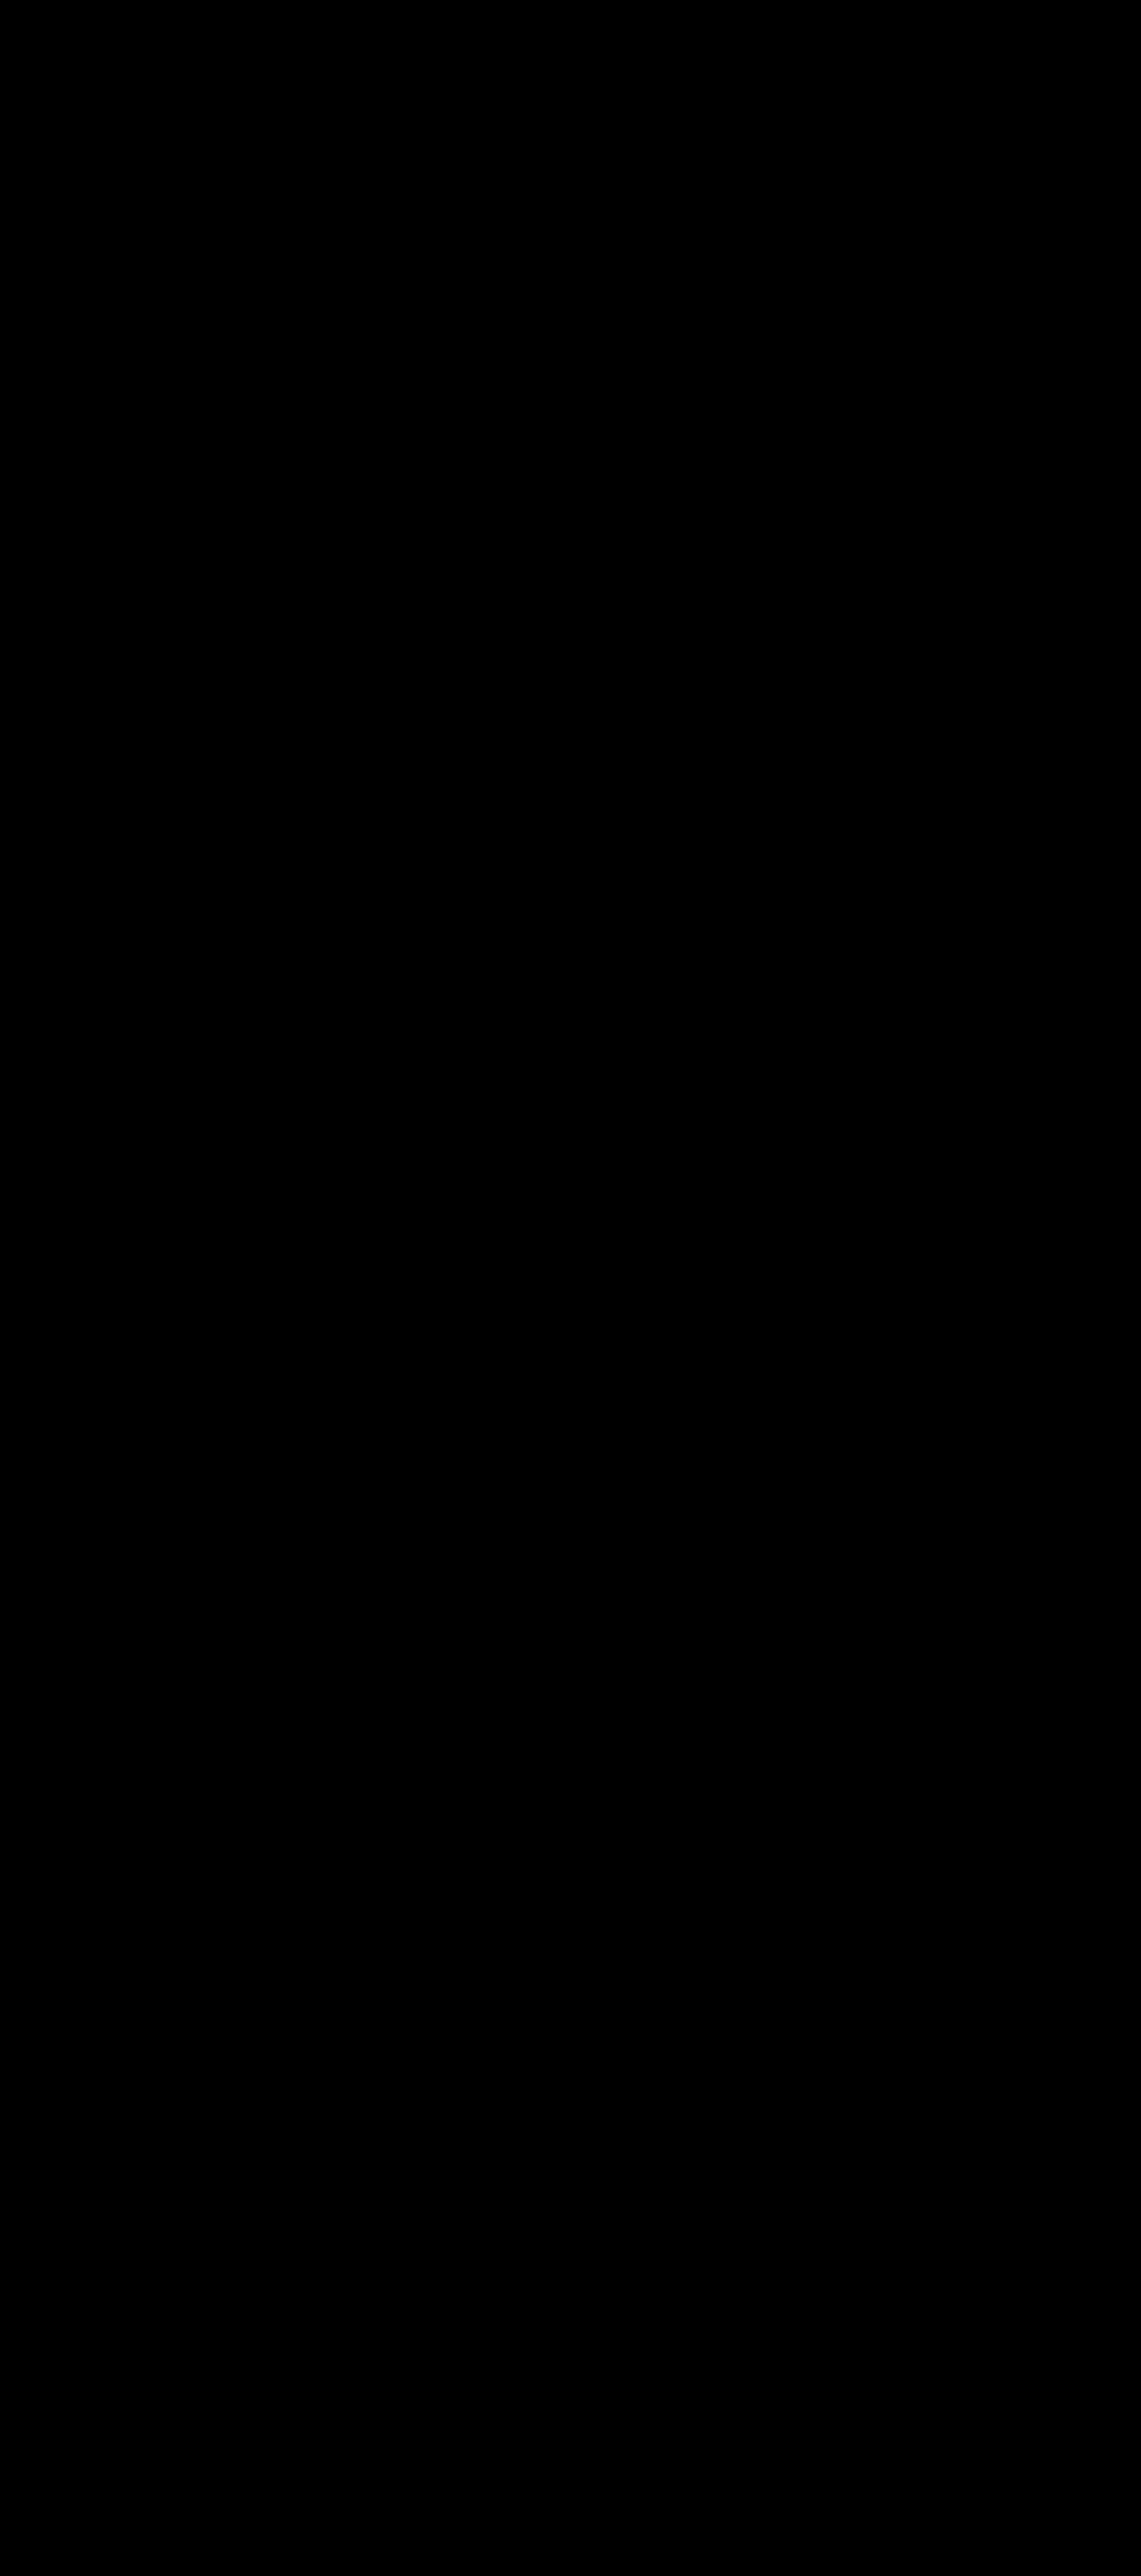 150 Ideas De Casas Con Vistas Al Mar Y Vistas A La Playa En 2021 Casas De Veraneo Casas Rurales Vistas